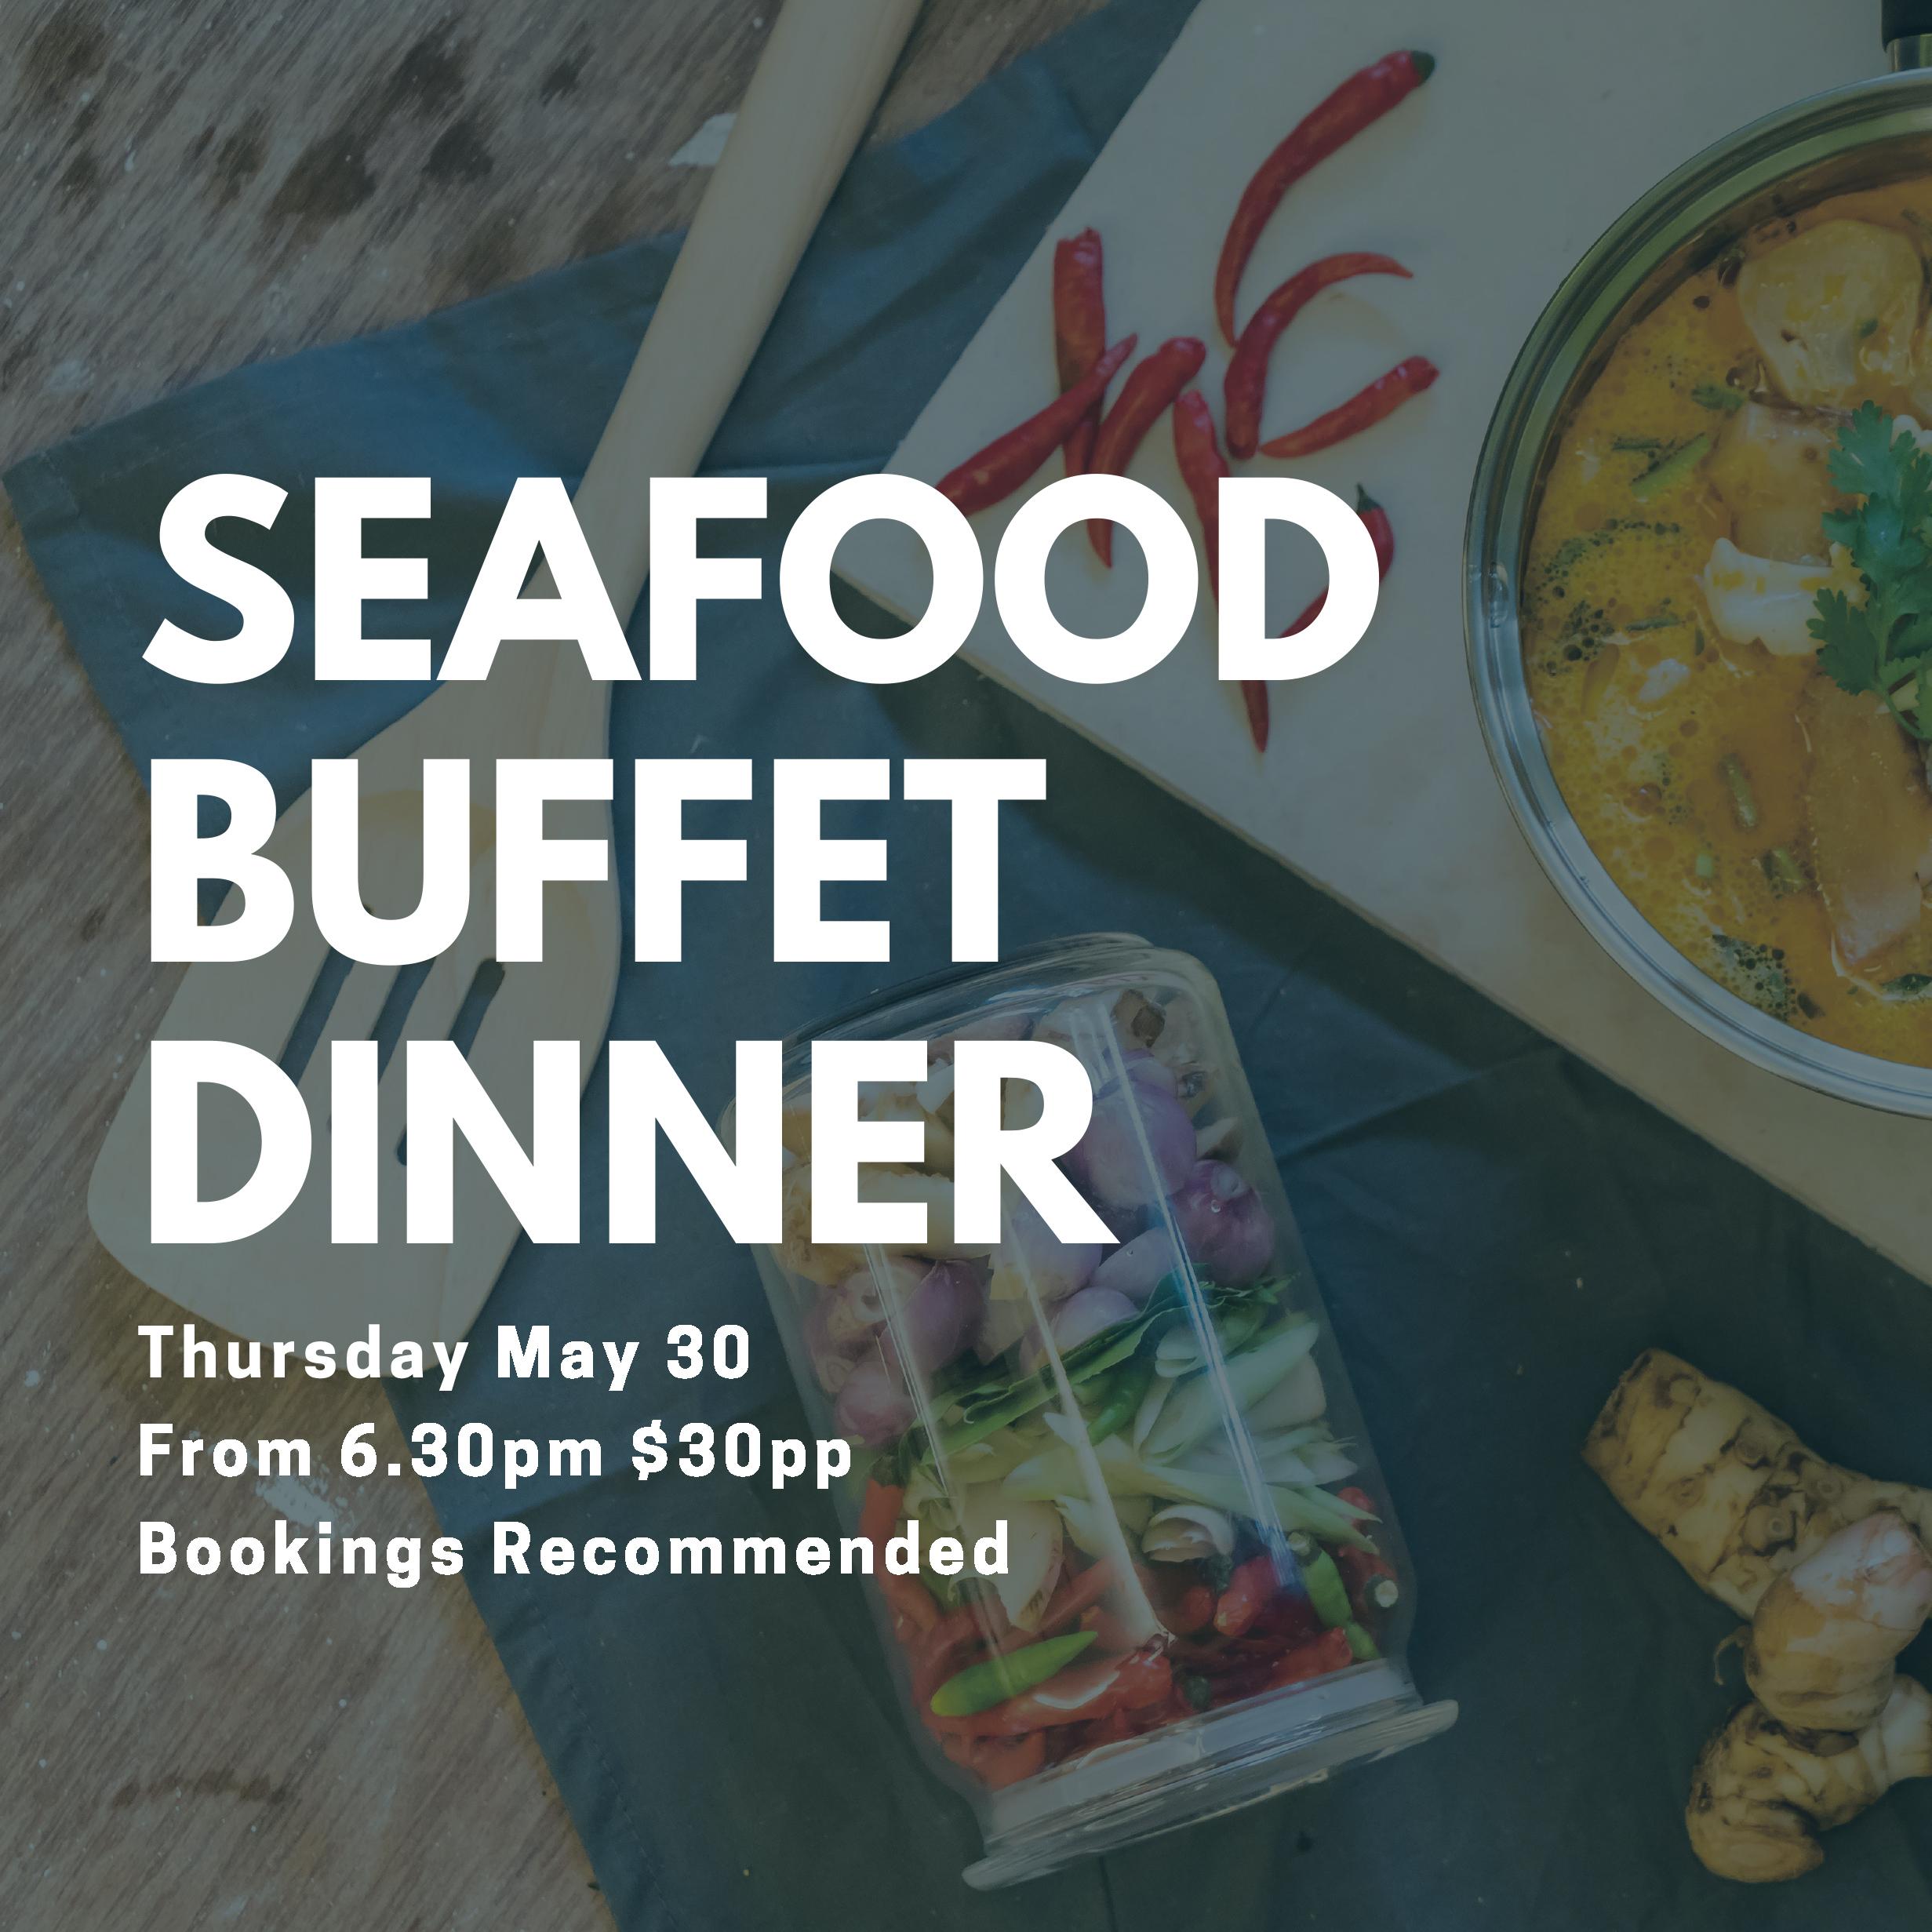 SEAFOOD BUFFET DINNER.jpg